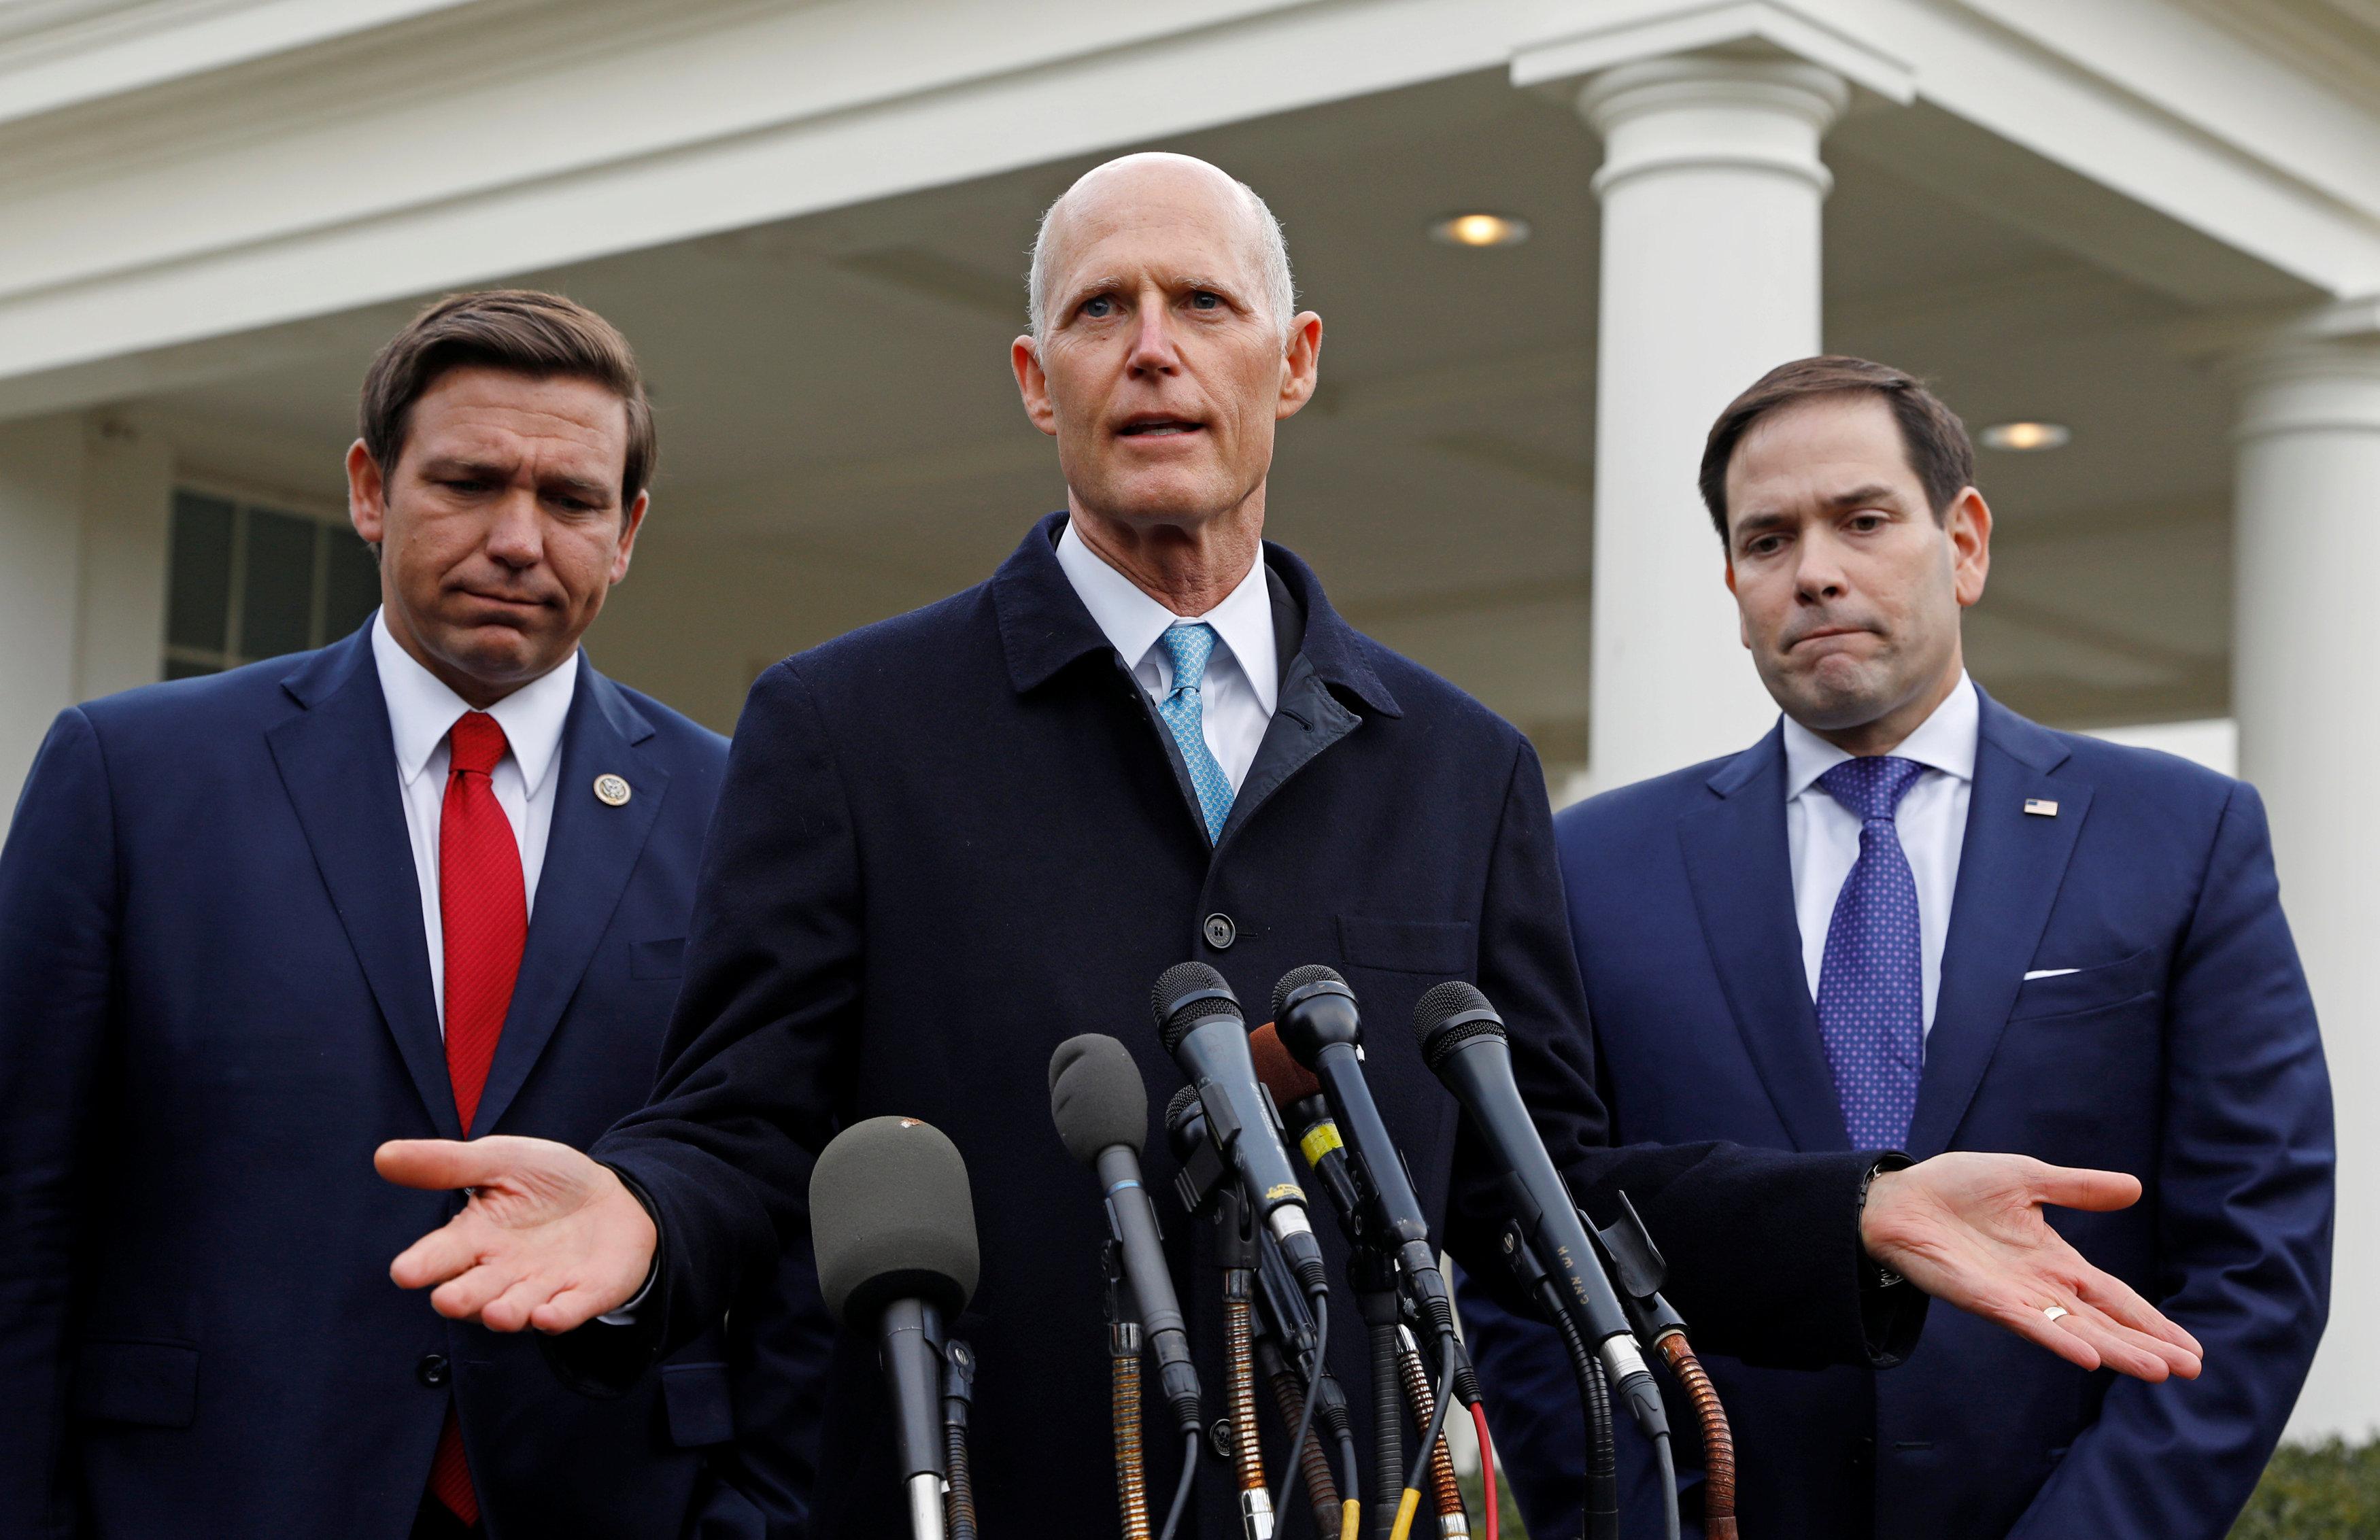 El gobernador de Florida Ron DeSantis y los senadores Rick Scott and Marco Rubio.  (REUTERS/Kevin Lamarque)